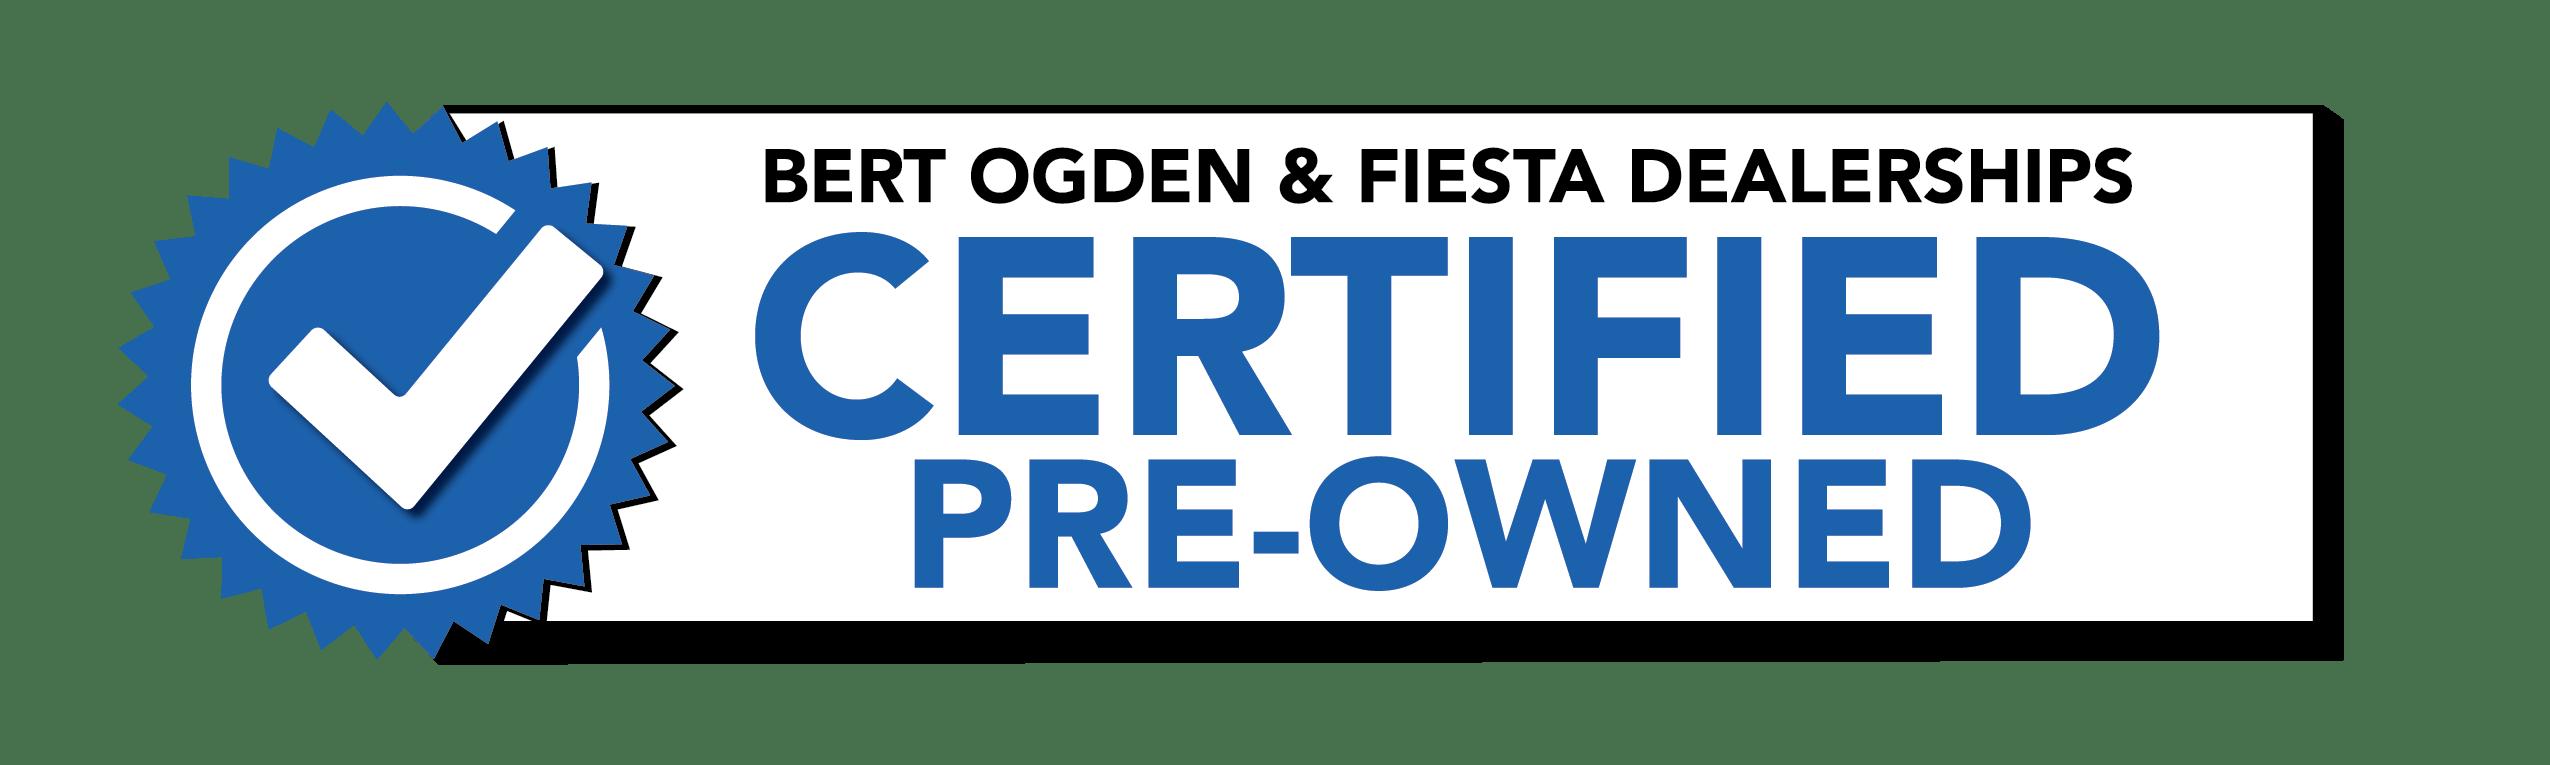 Bert Ogden Infiniti >> Bert Ogden Infiniti | New Car Release Information